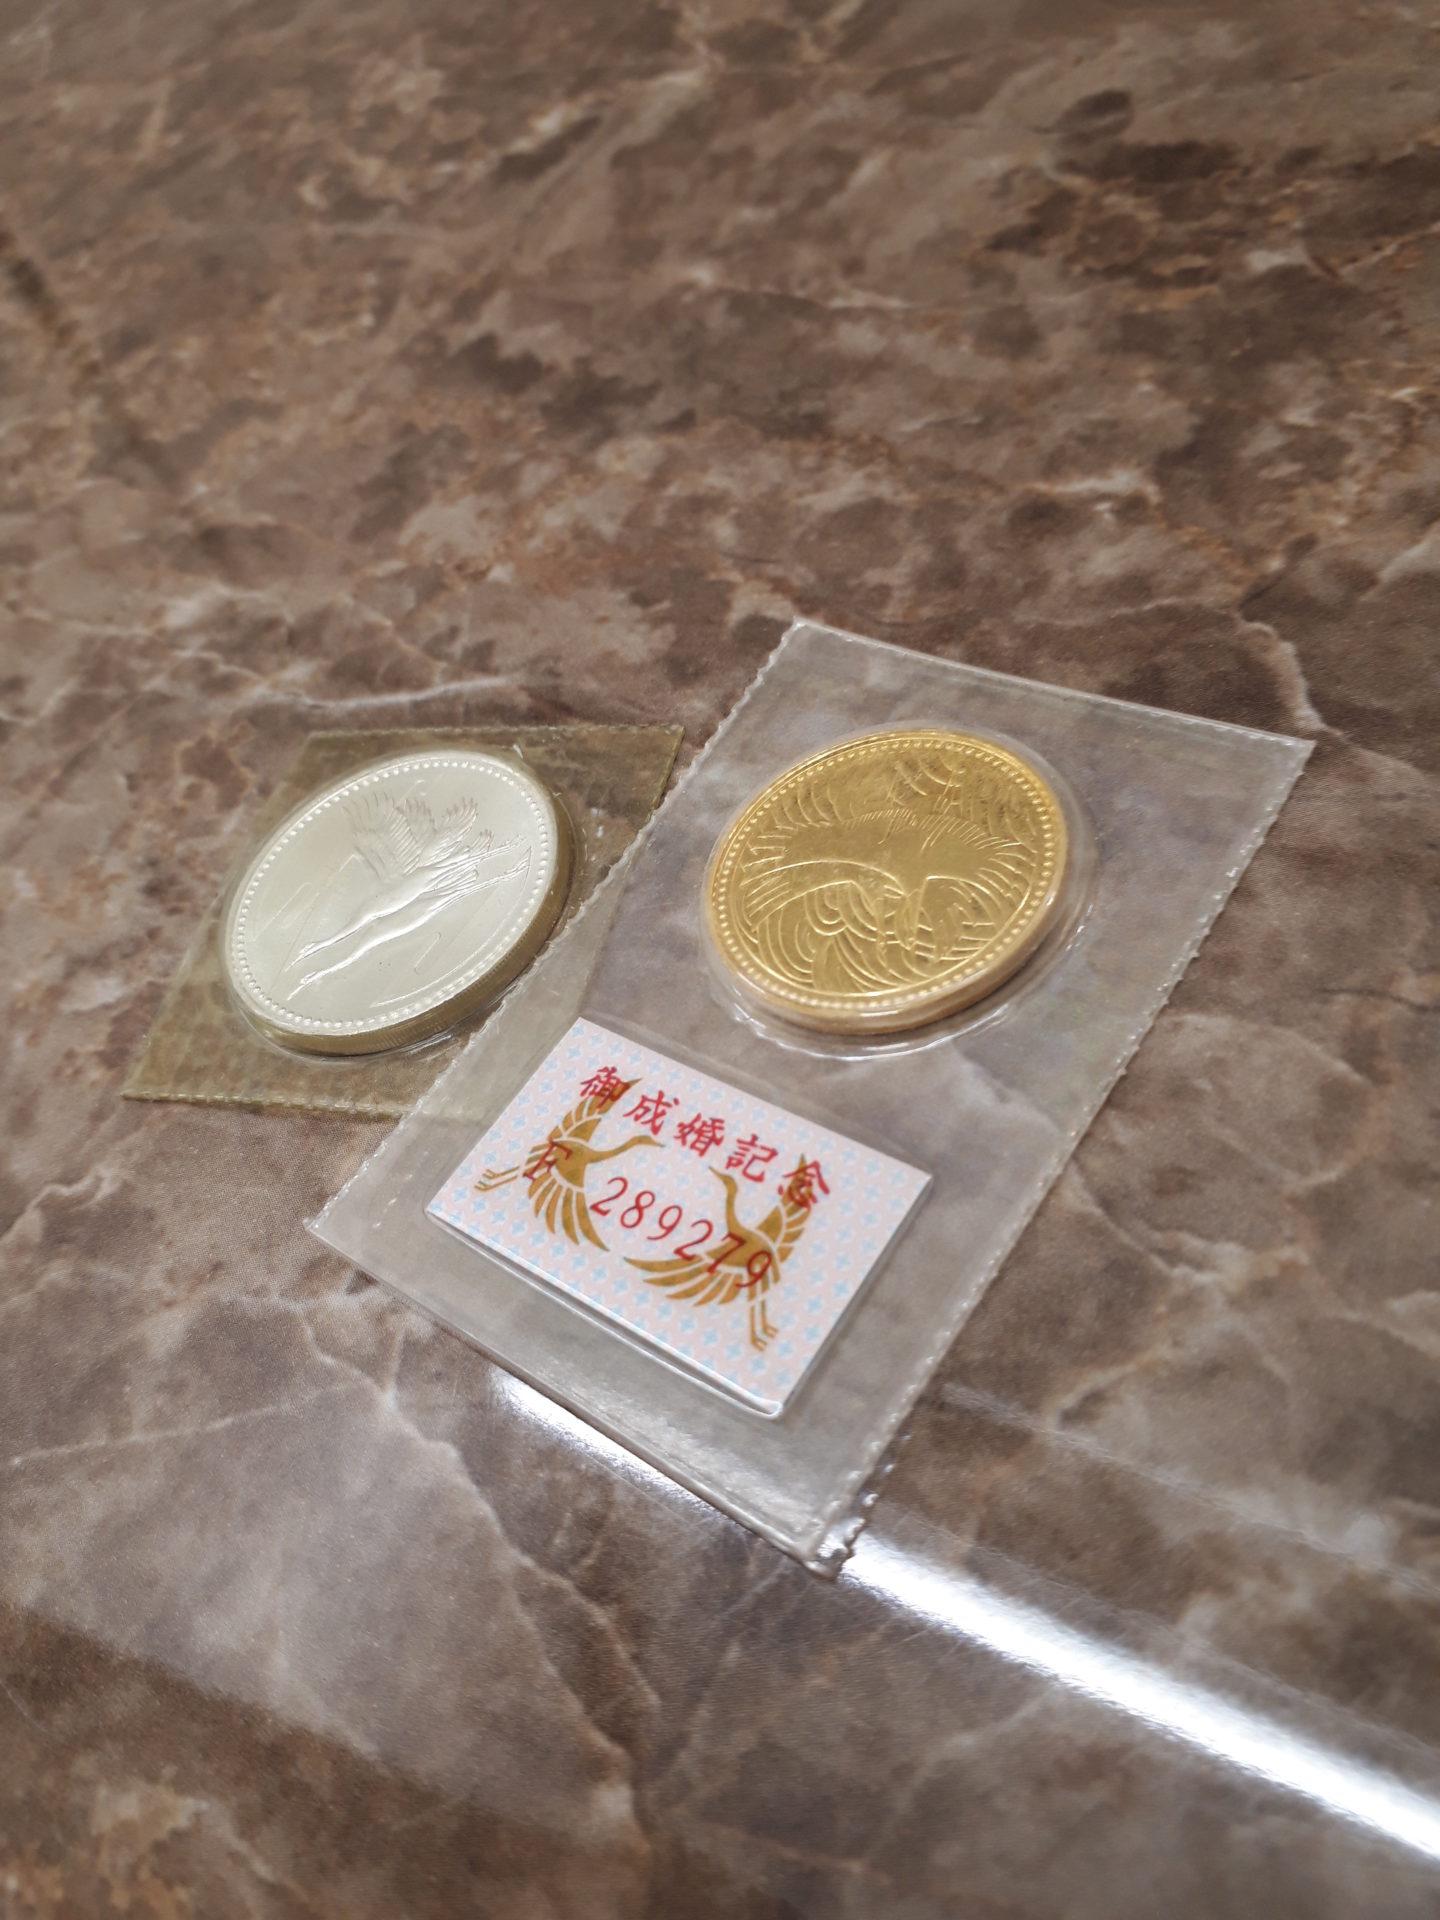 【皇太子殿下御成婚記念硬貨】を盛岡市のお客様よりお買取させていただきました!